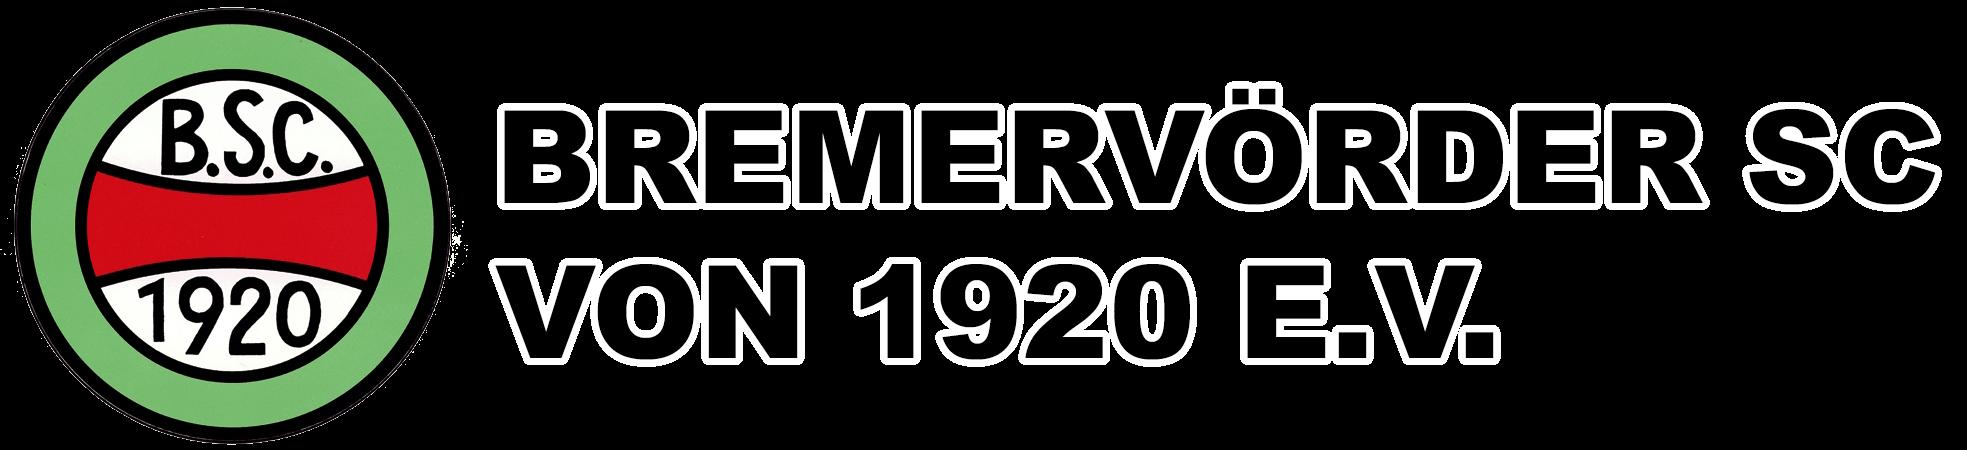 Bremervörder SC von 1920 e.V.